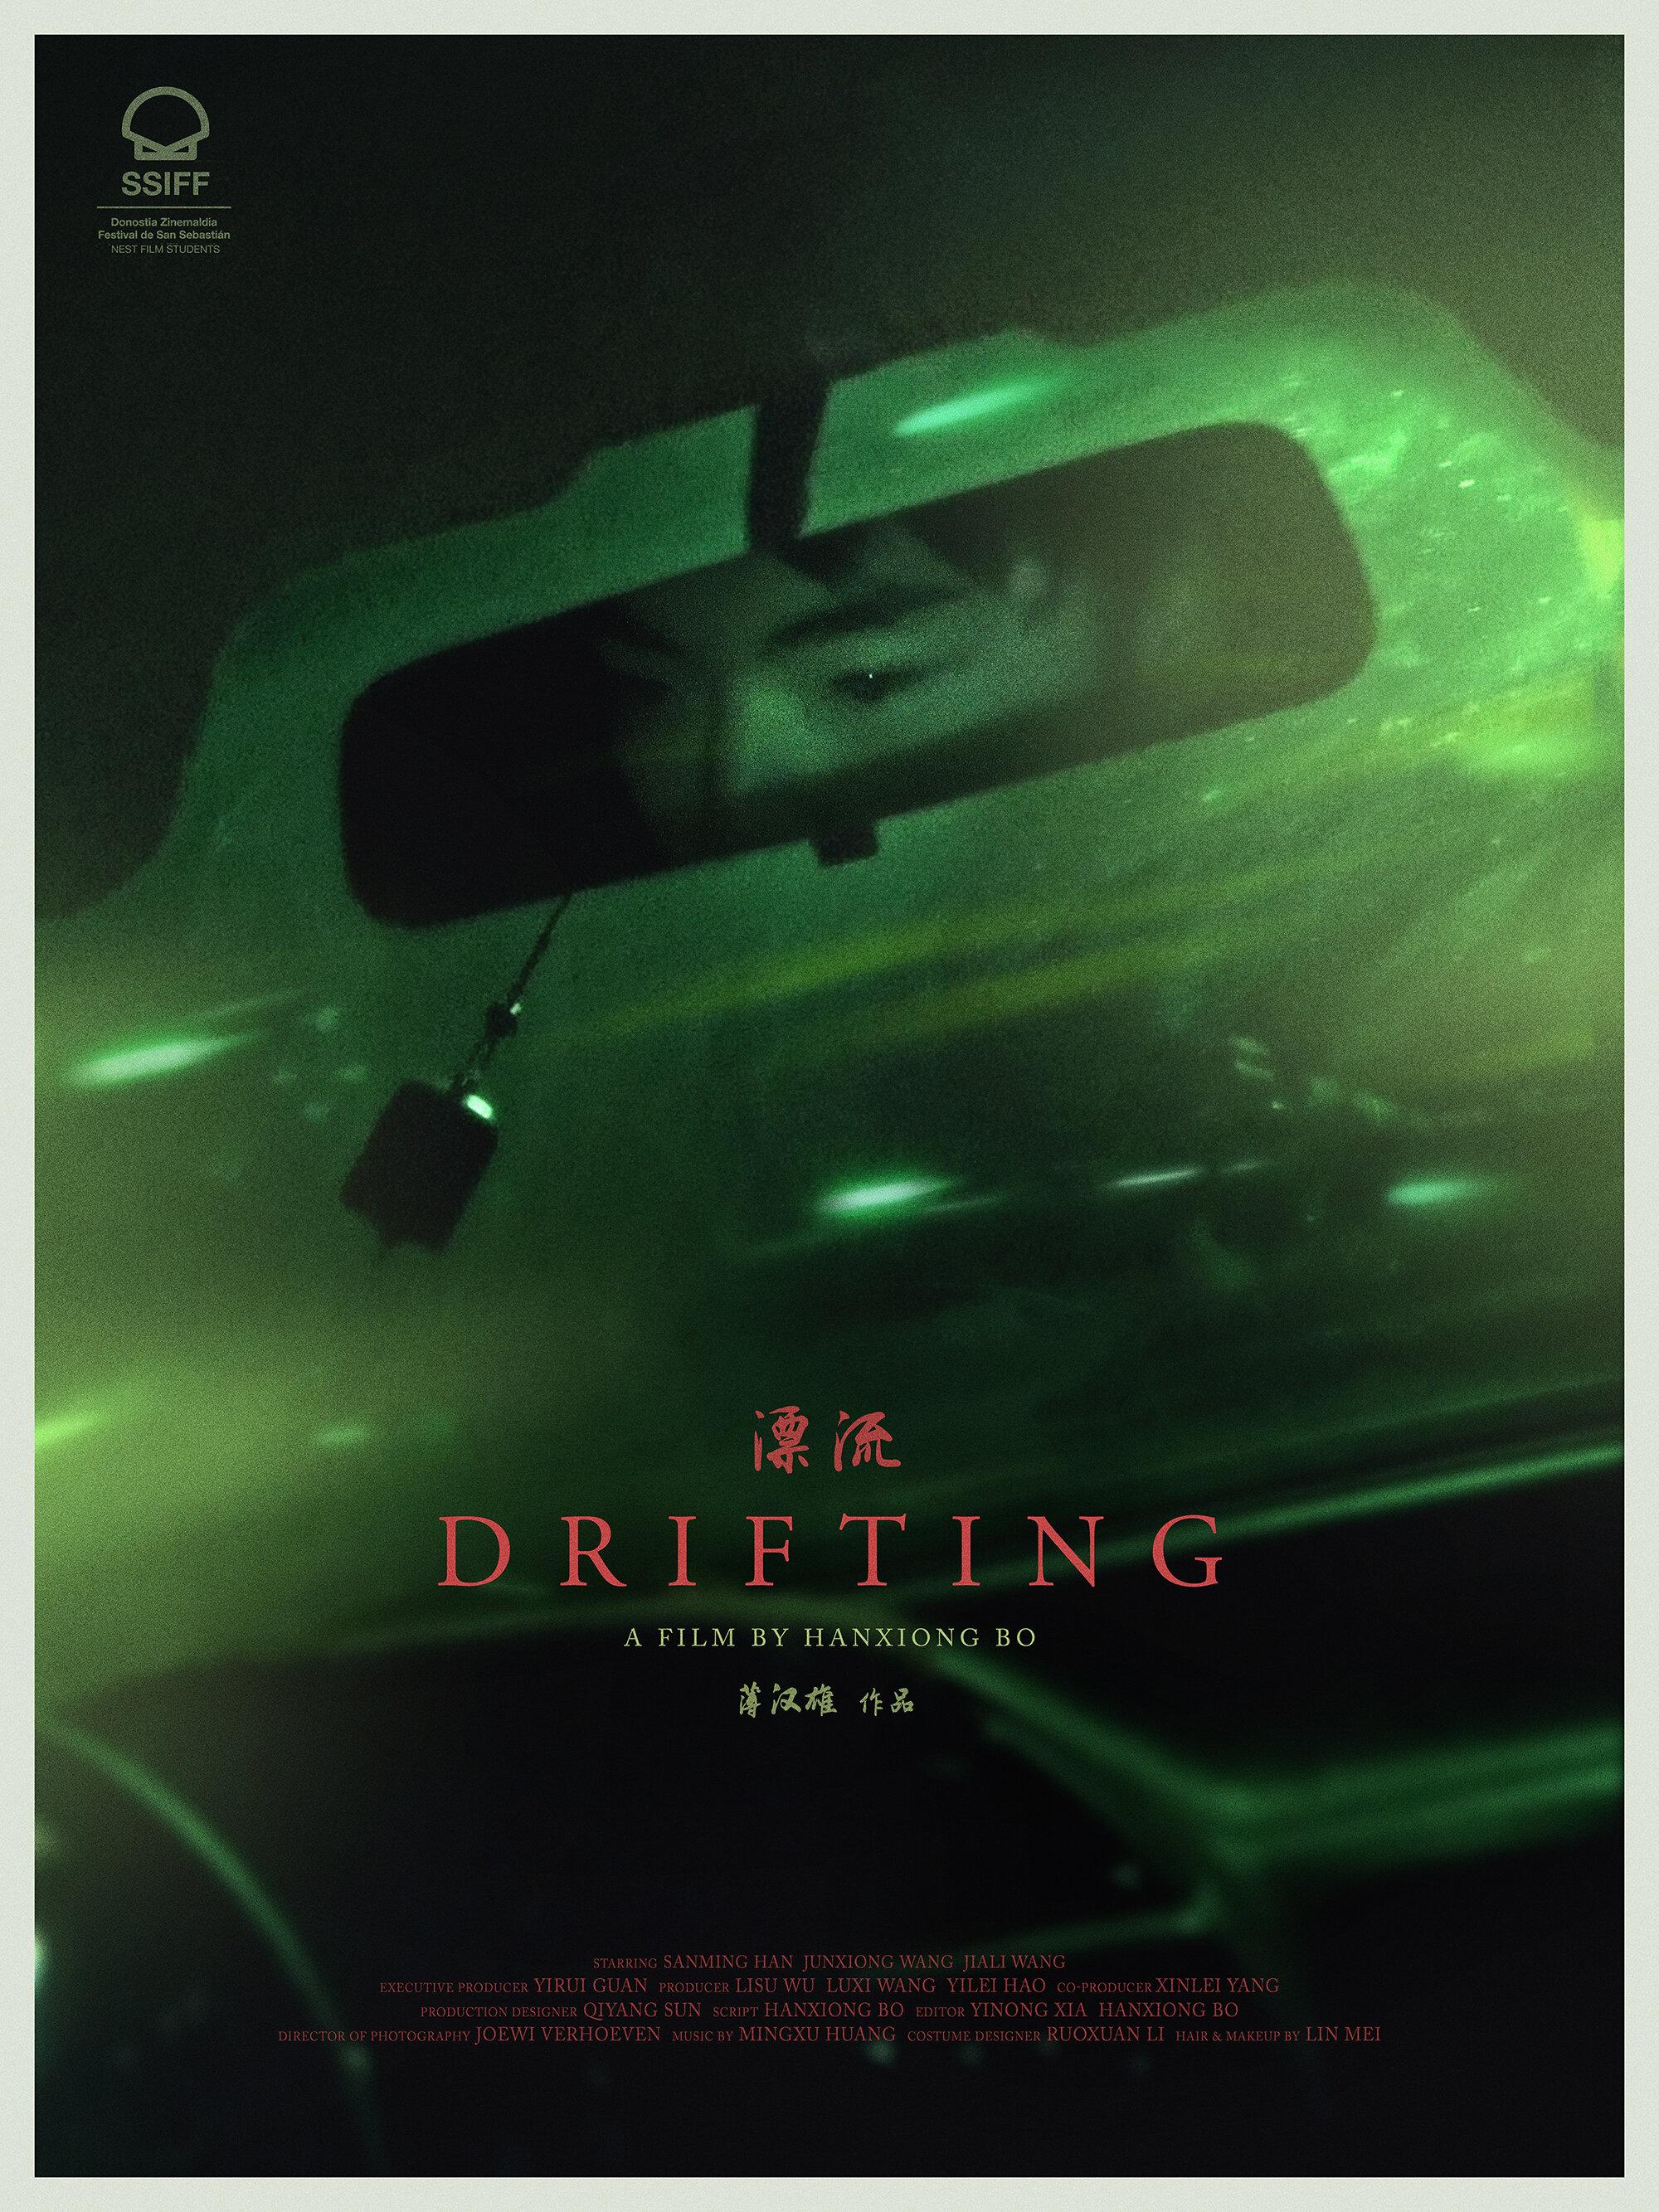 drifting_poster_thumb.jpg